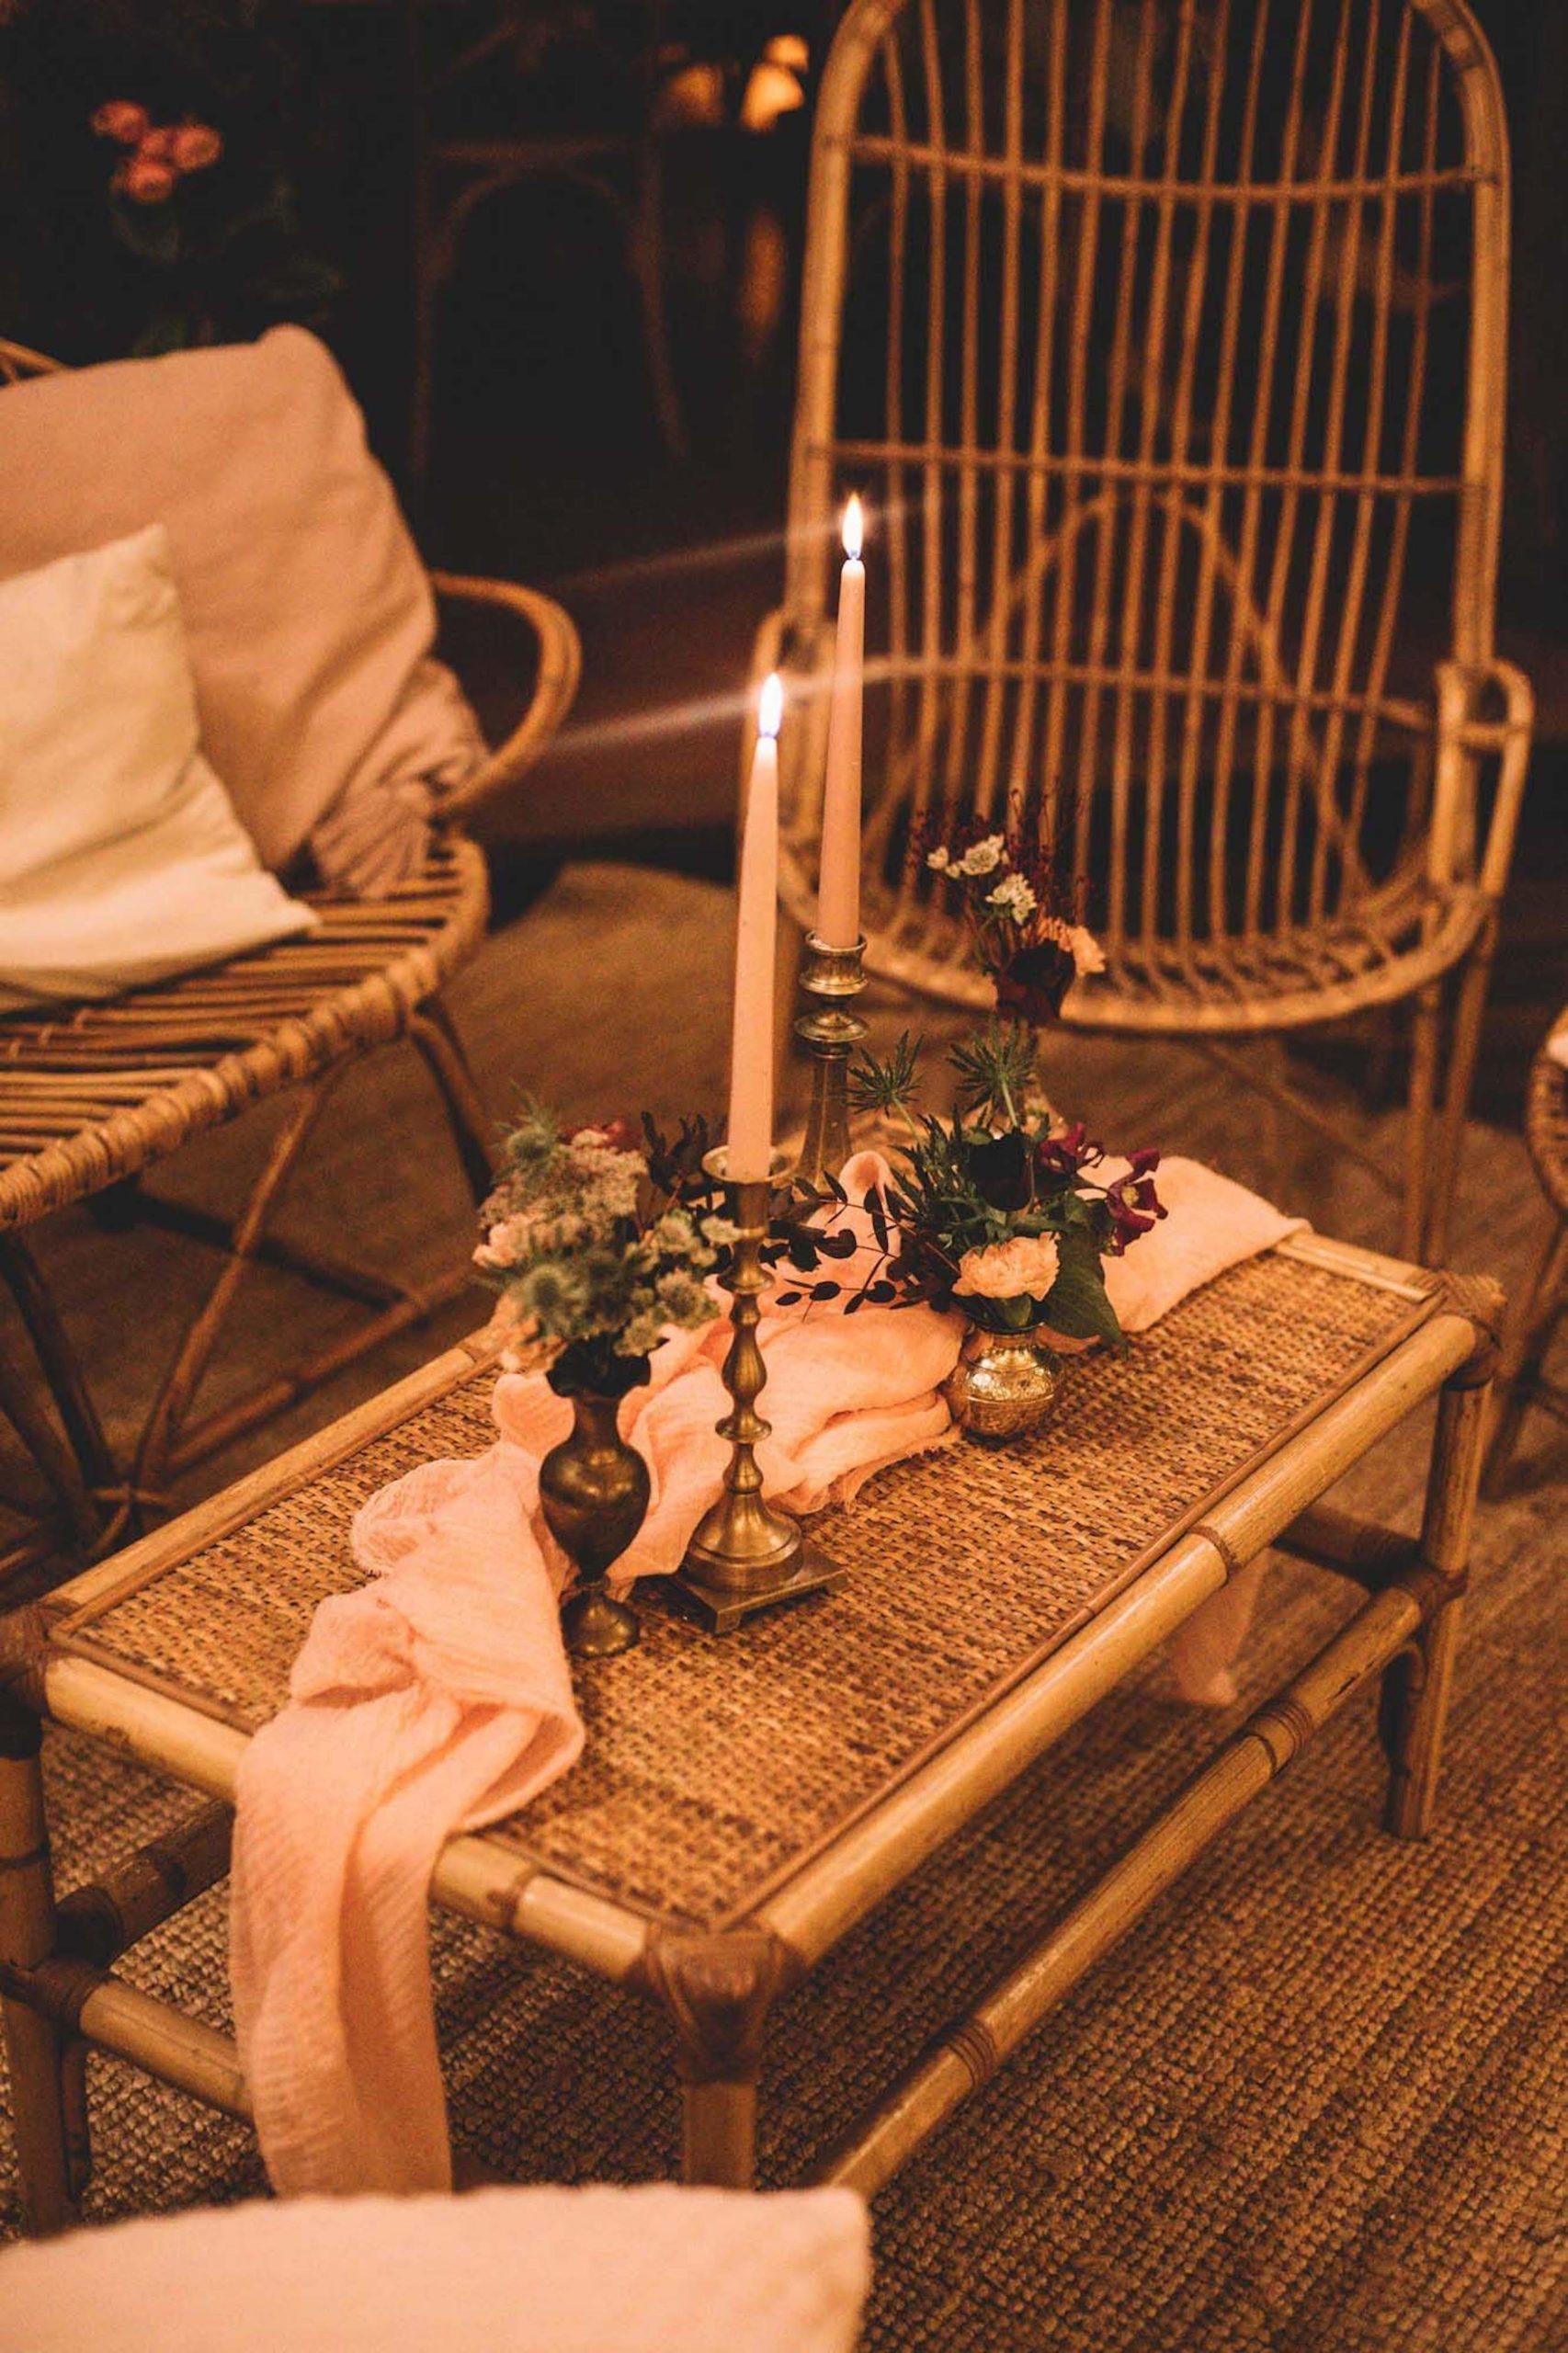 Reflets Fleurs - Scenographie florale - Fleuriste - Mariage - Evenements - Paris Vincennes Normandie